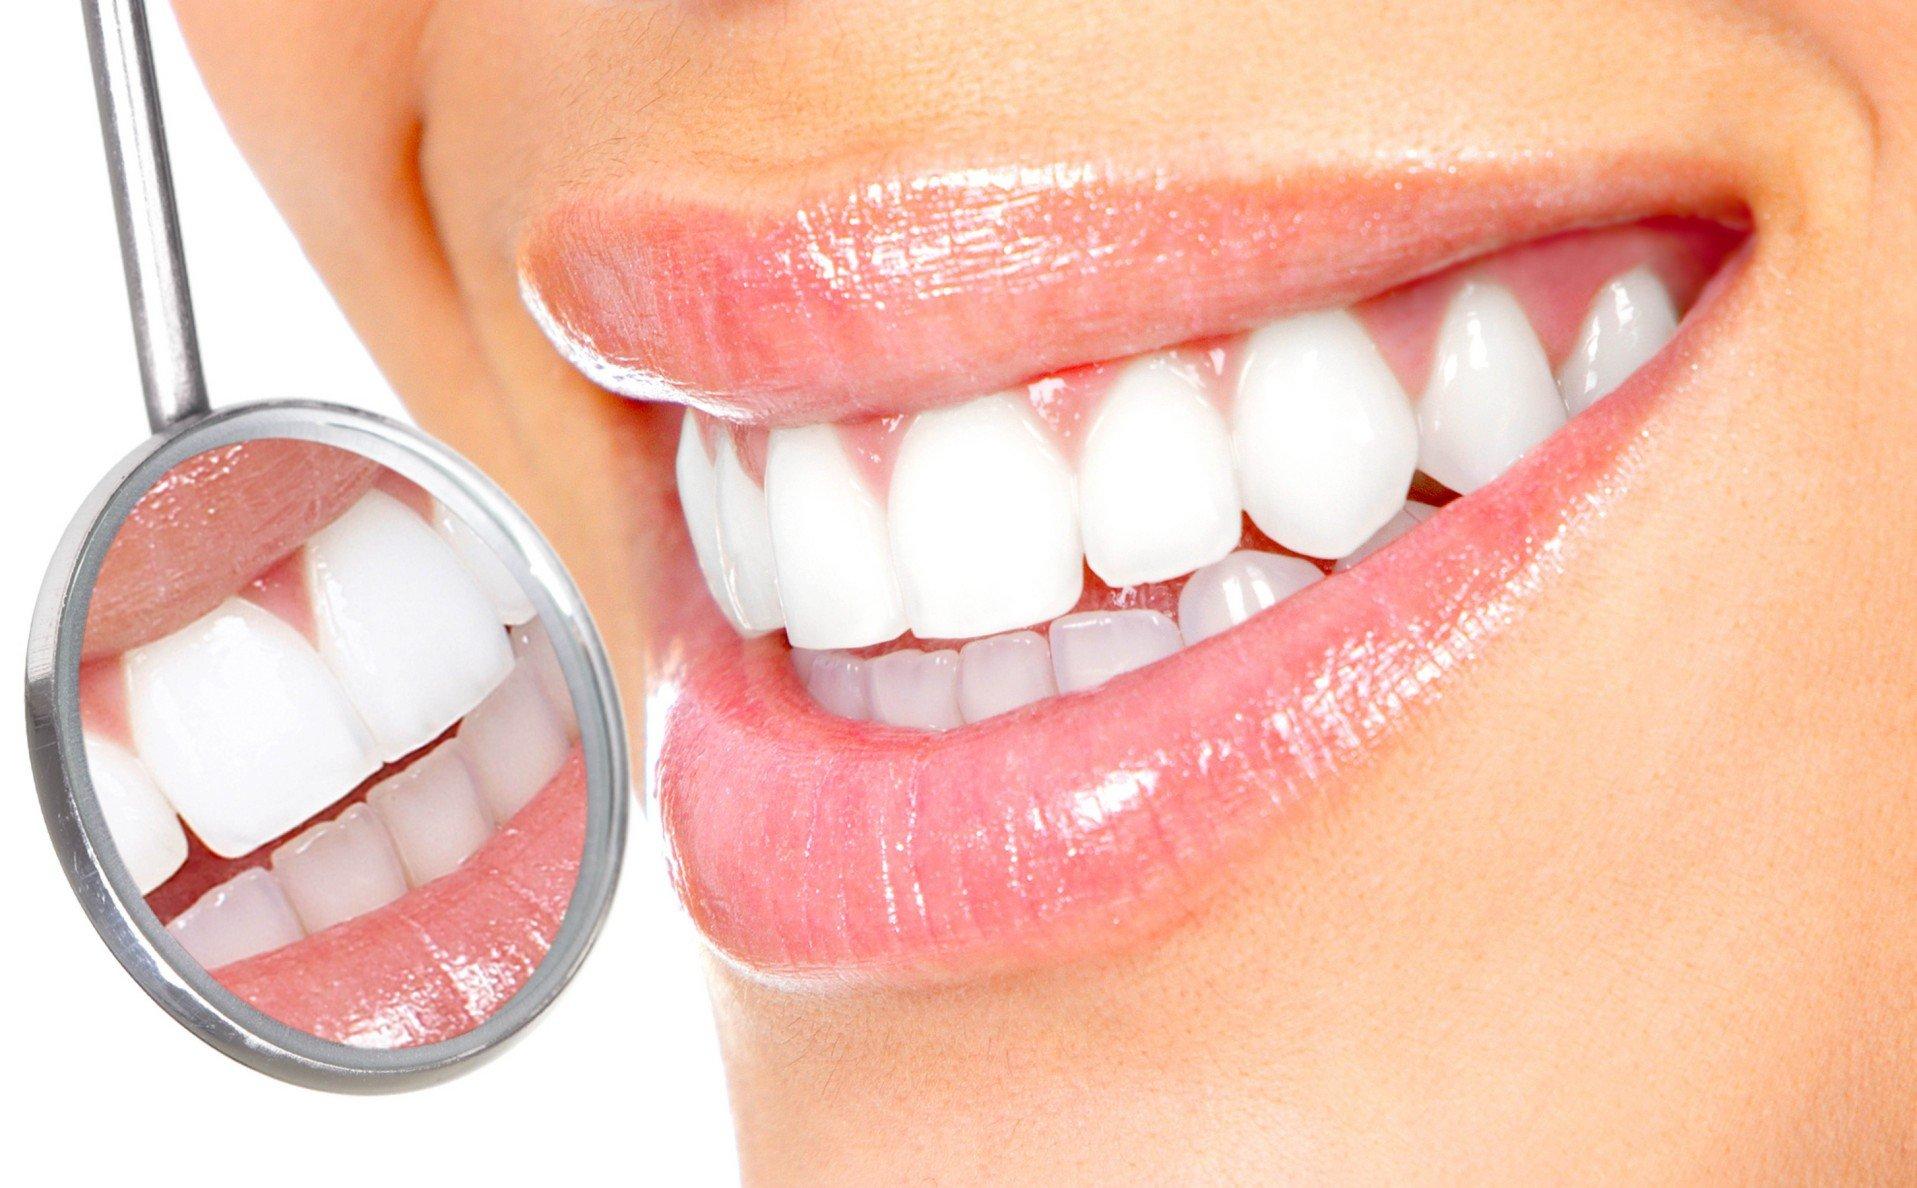 Нанотехнологии в стоматологии: разработан уникальный способ лечения пульпита